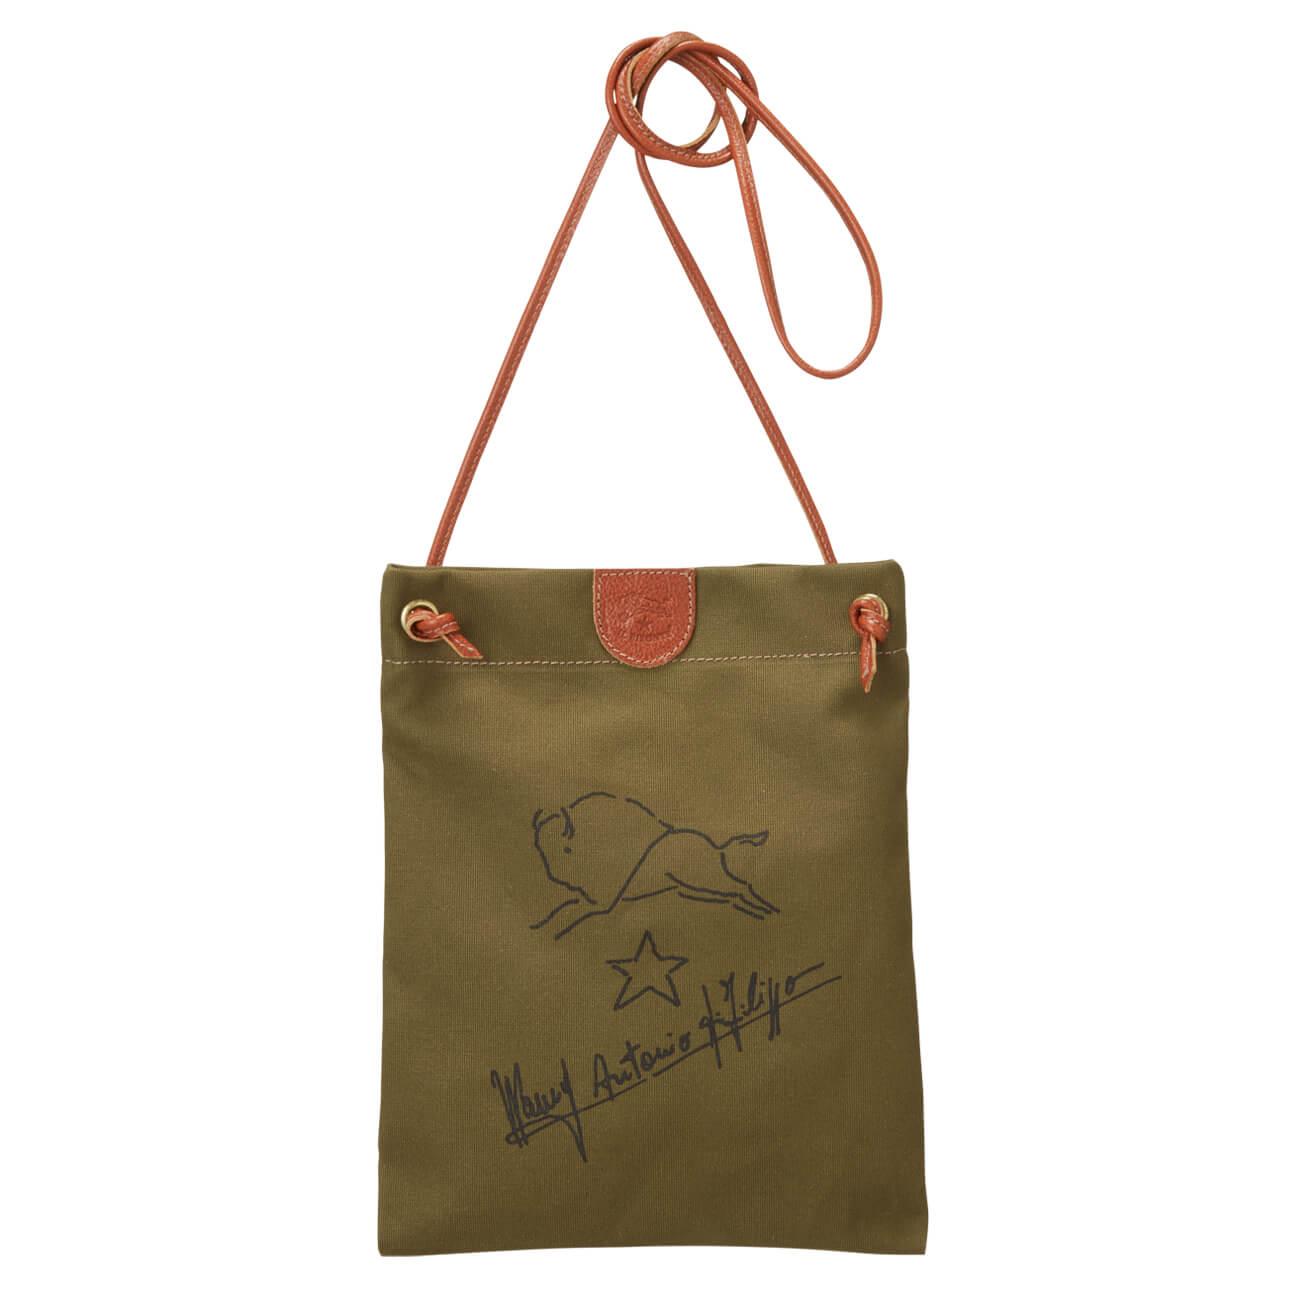 クロスボディバッグ(イルビゾンテ)Canvas Bag